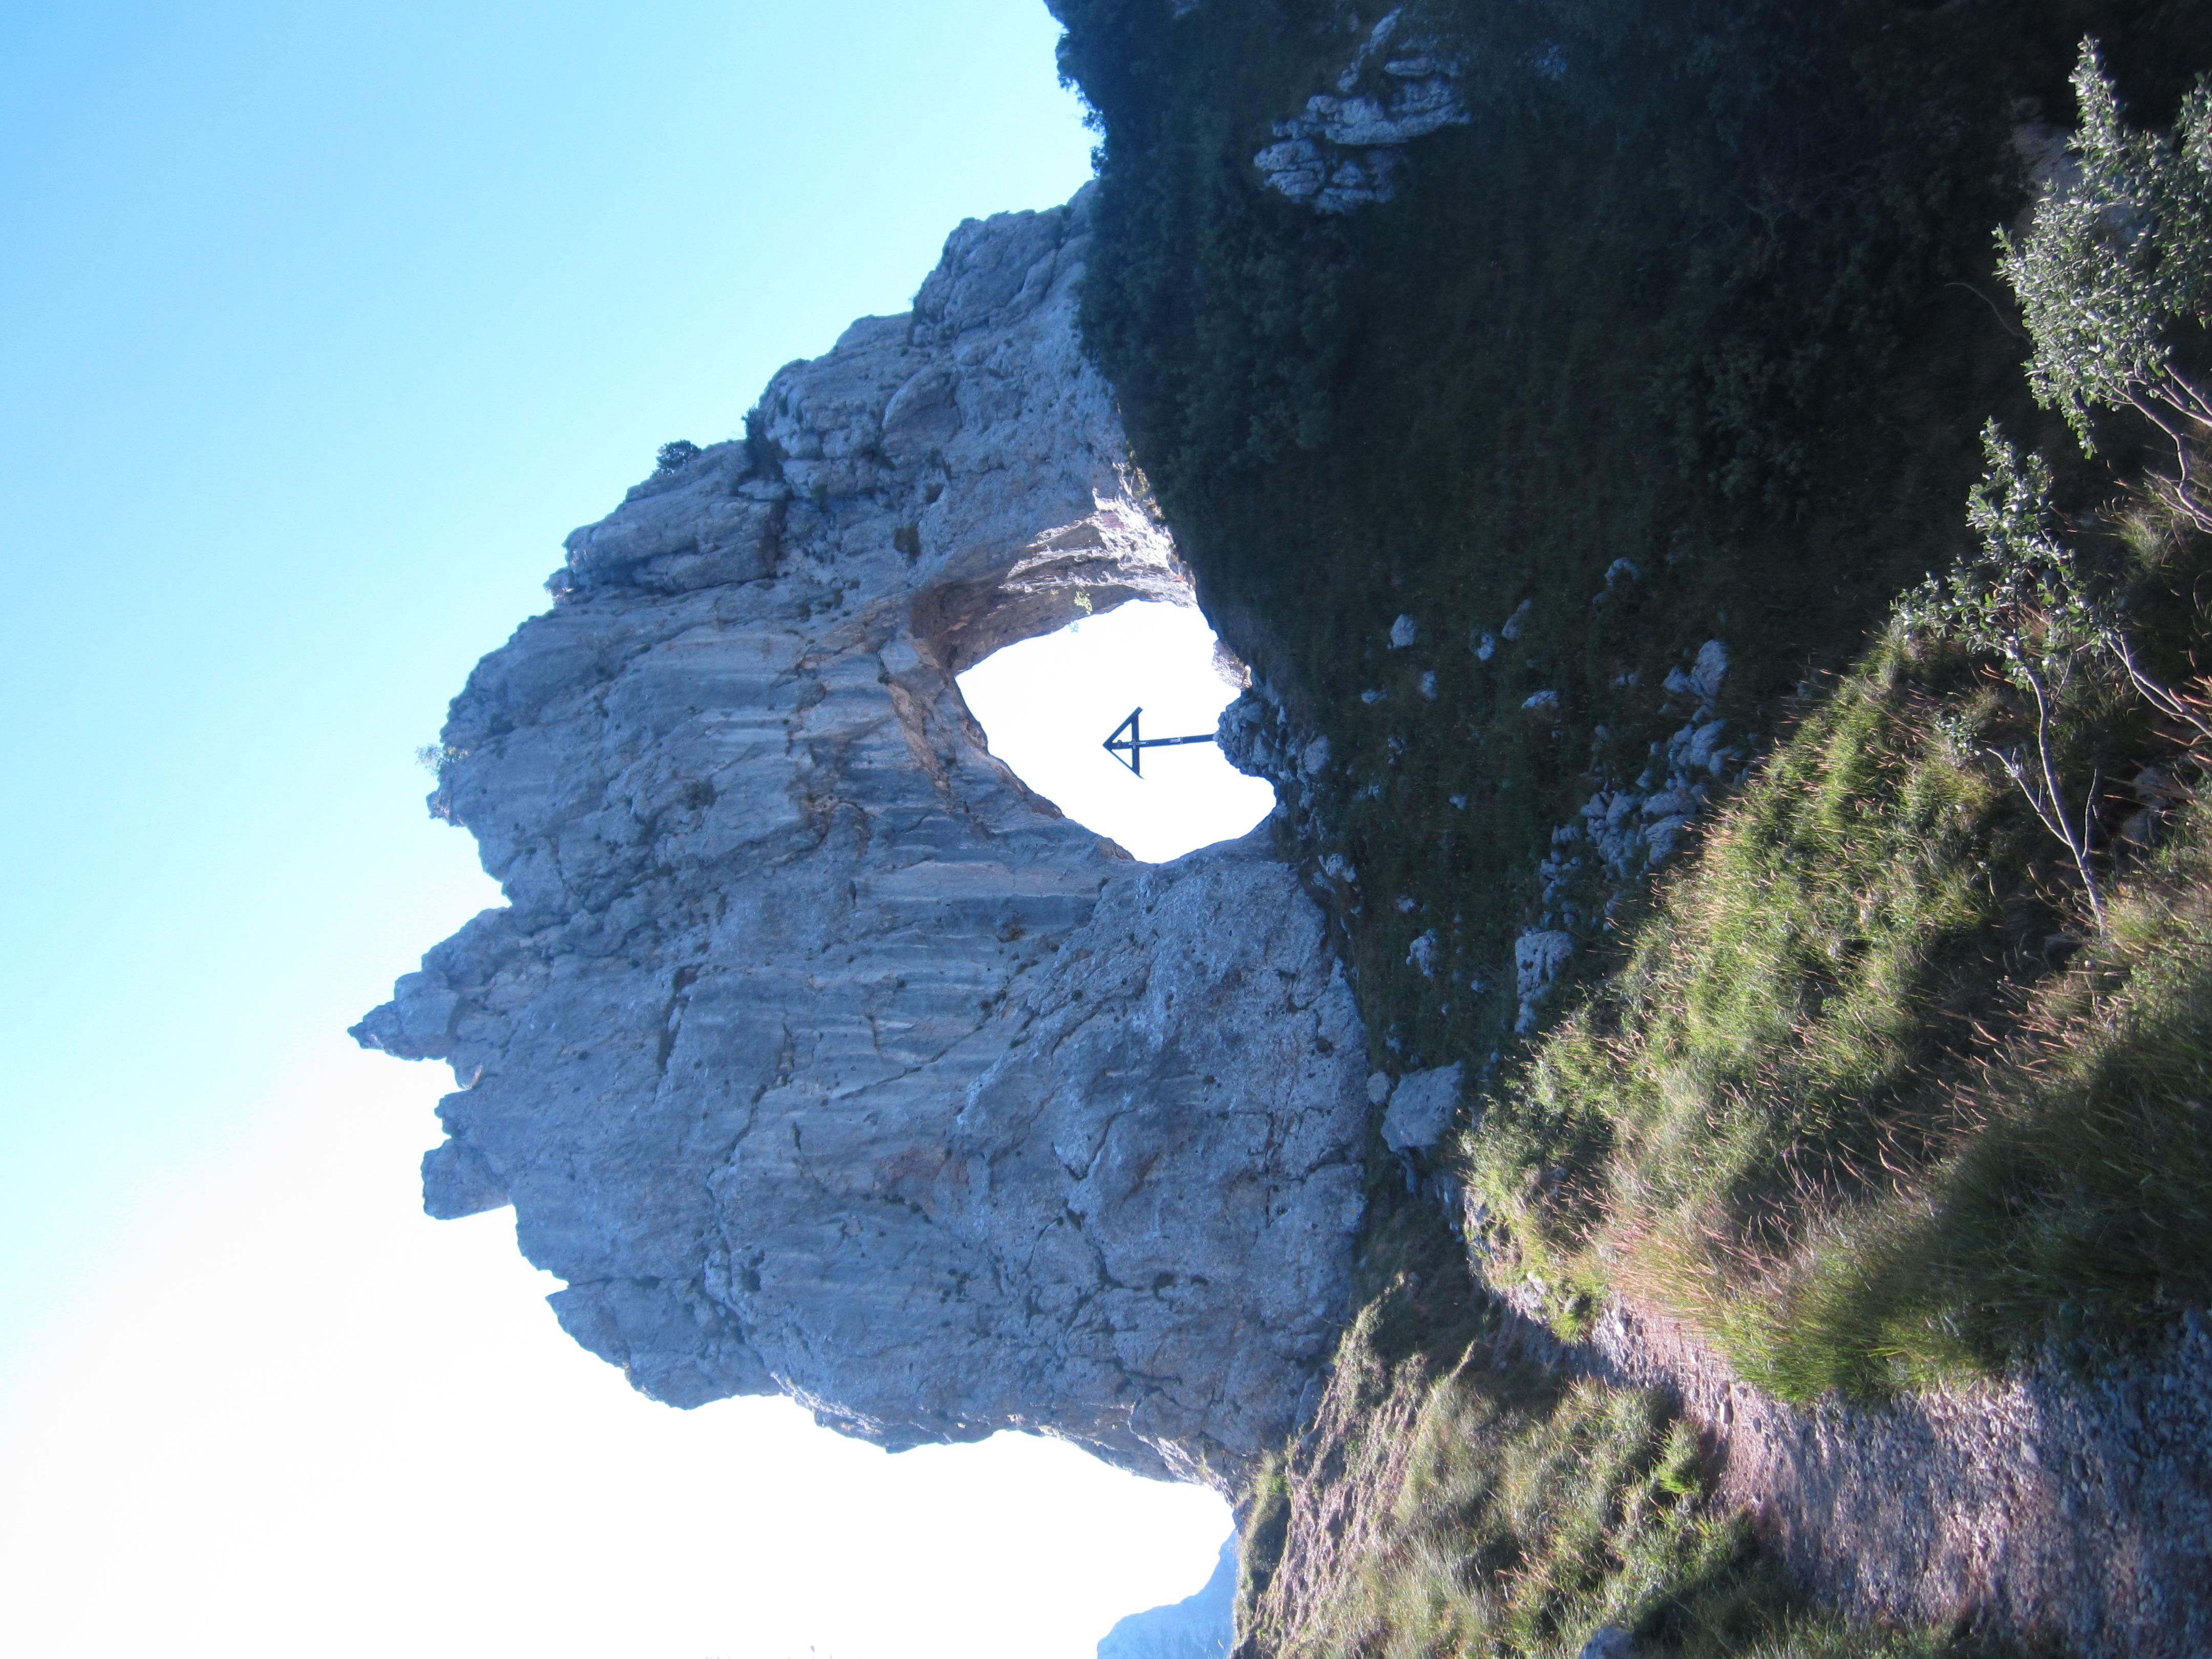 File:La suggestiva Bocchetta di Prada, poco lontana dalla chiesetta.JPG - Wikimedia Commons